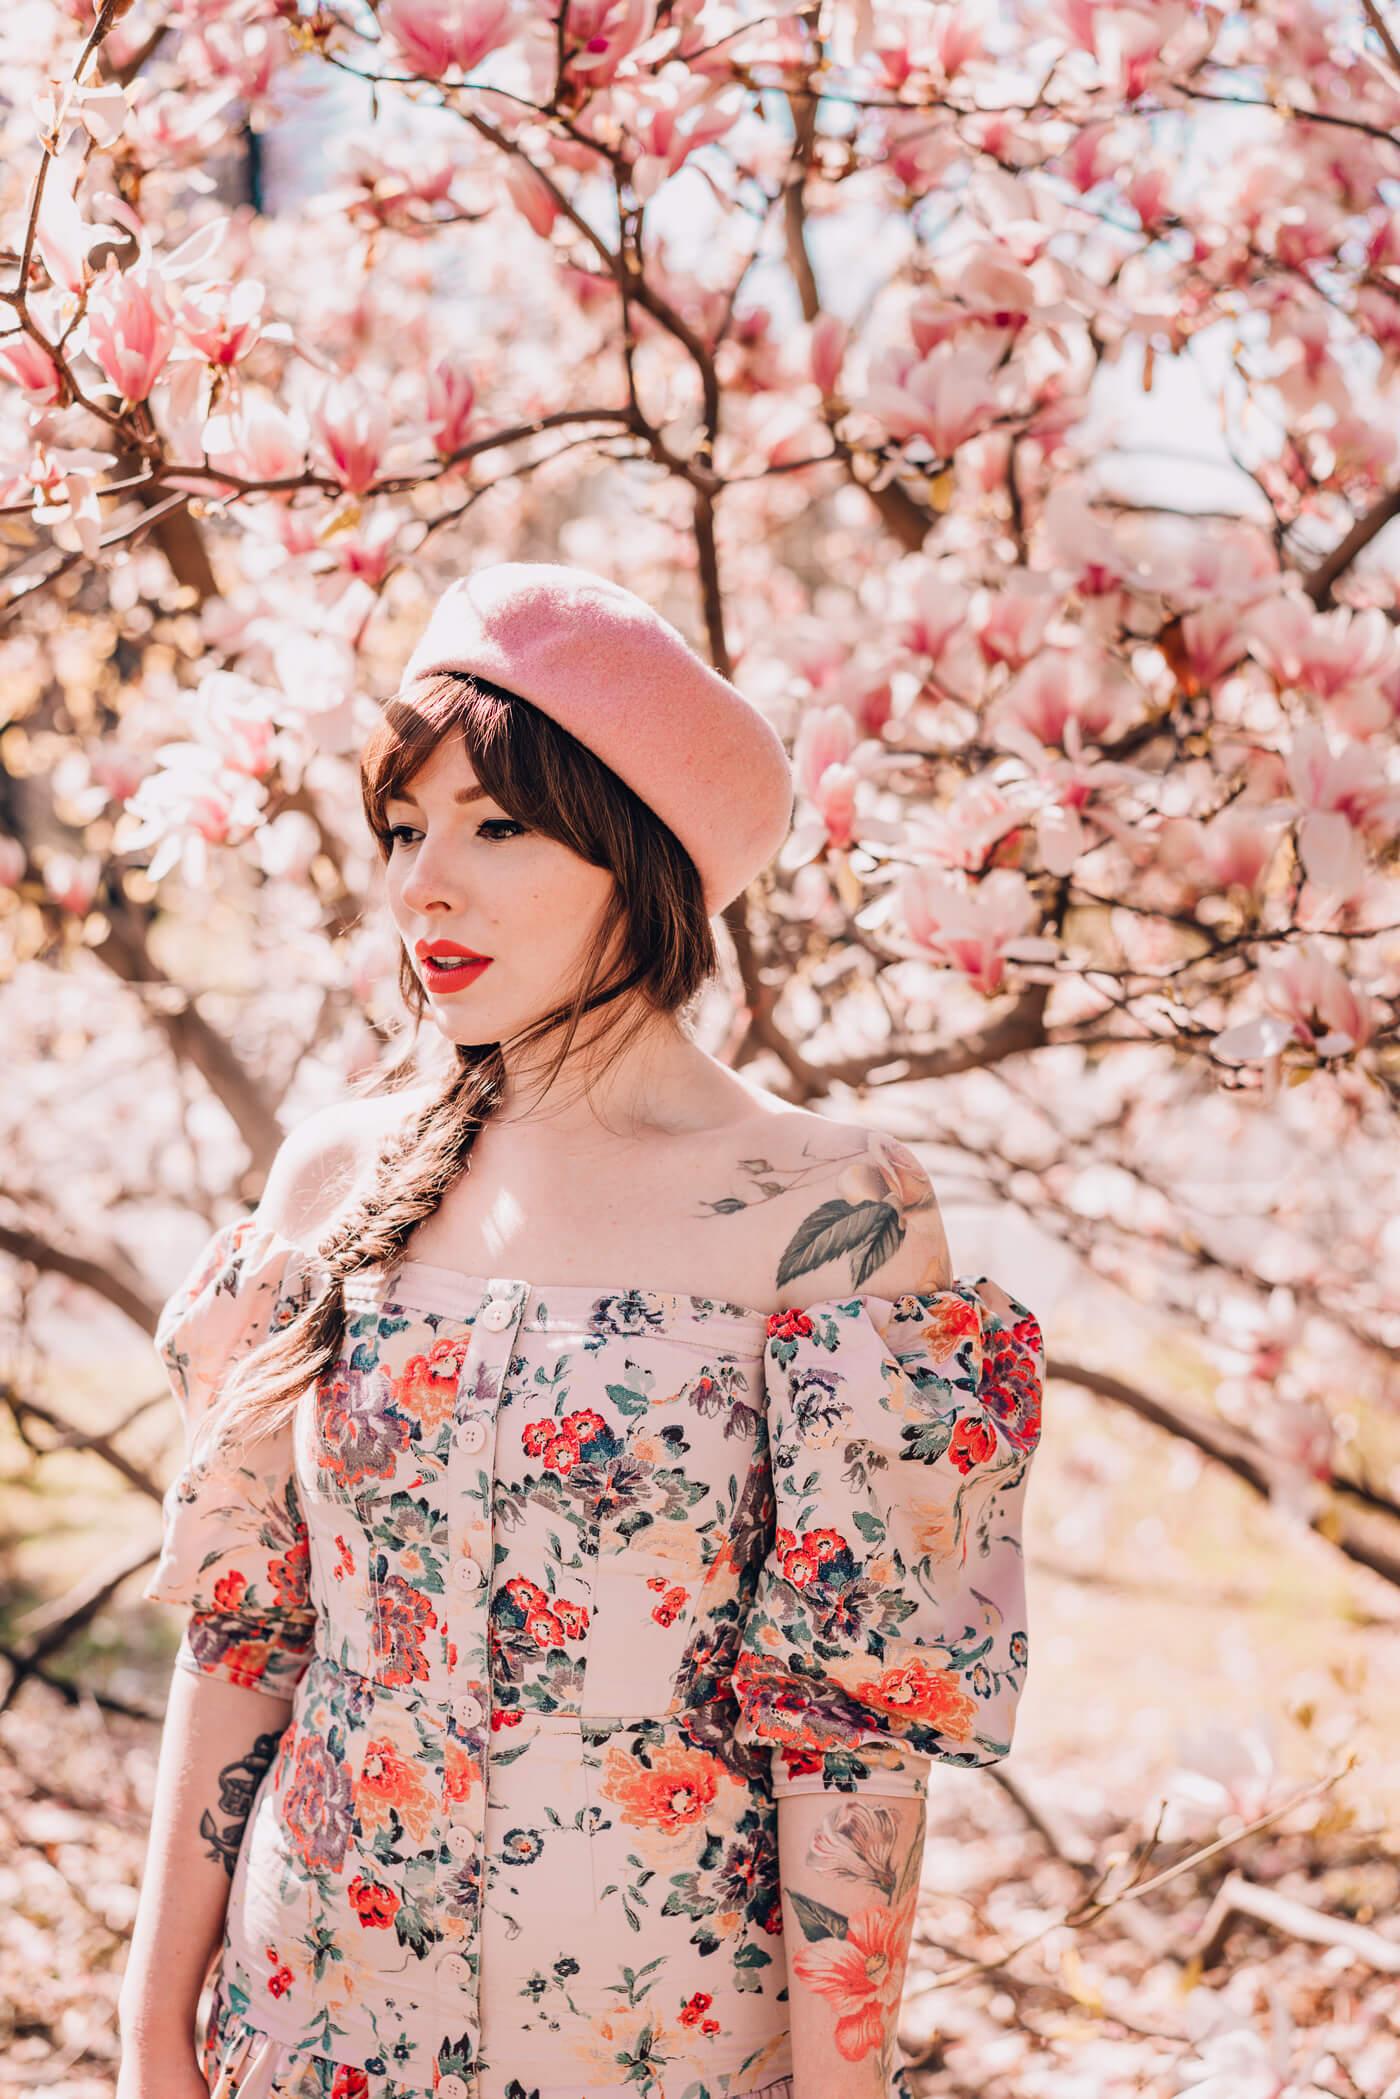 rebecca taylor dress, summer floral dresses, off the shoulder pink summer floral dress 2018